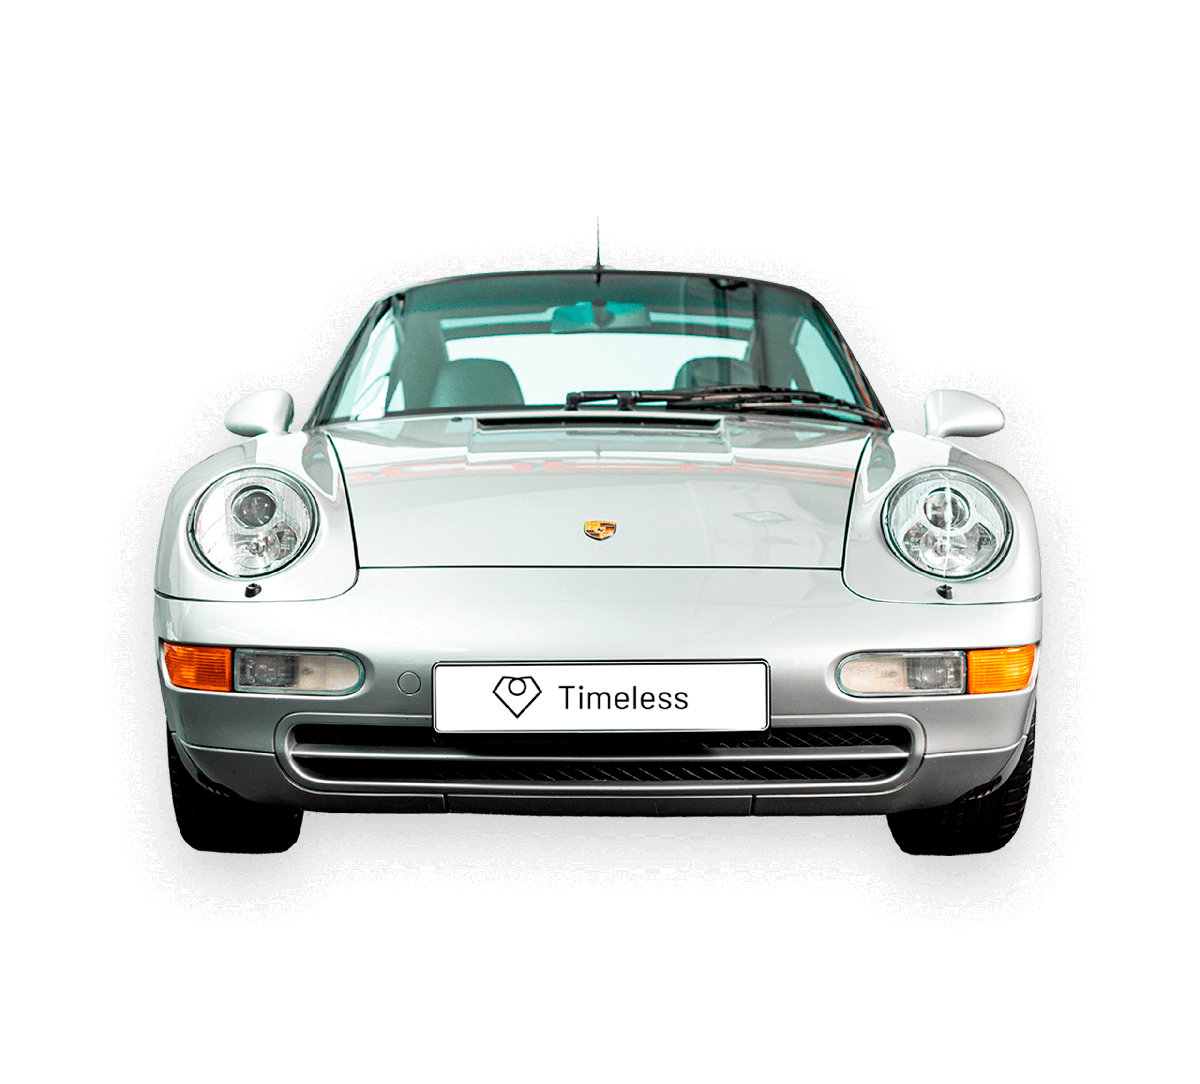 1997 Porsche 911-993 Targa Image